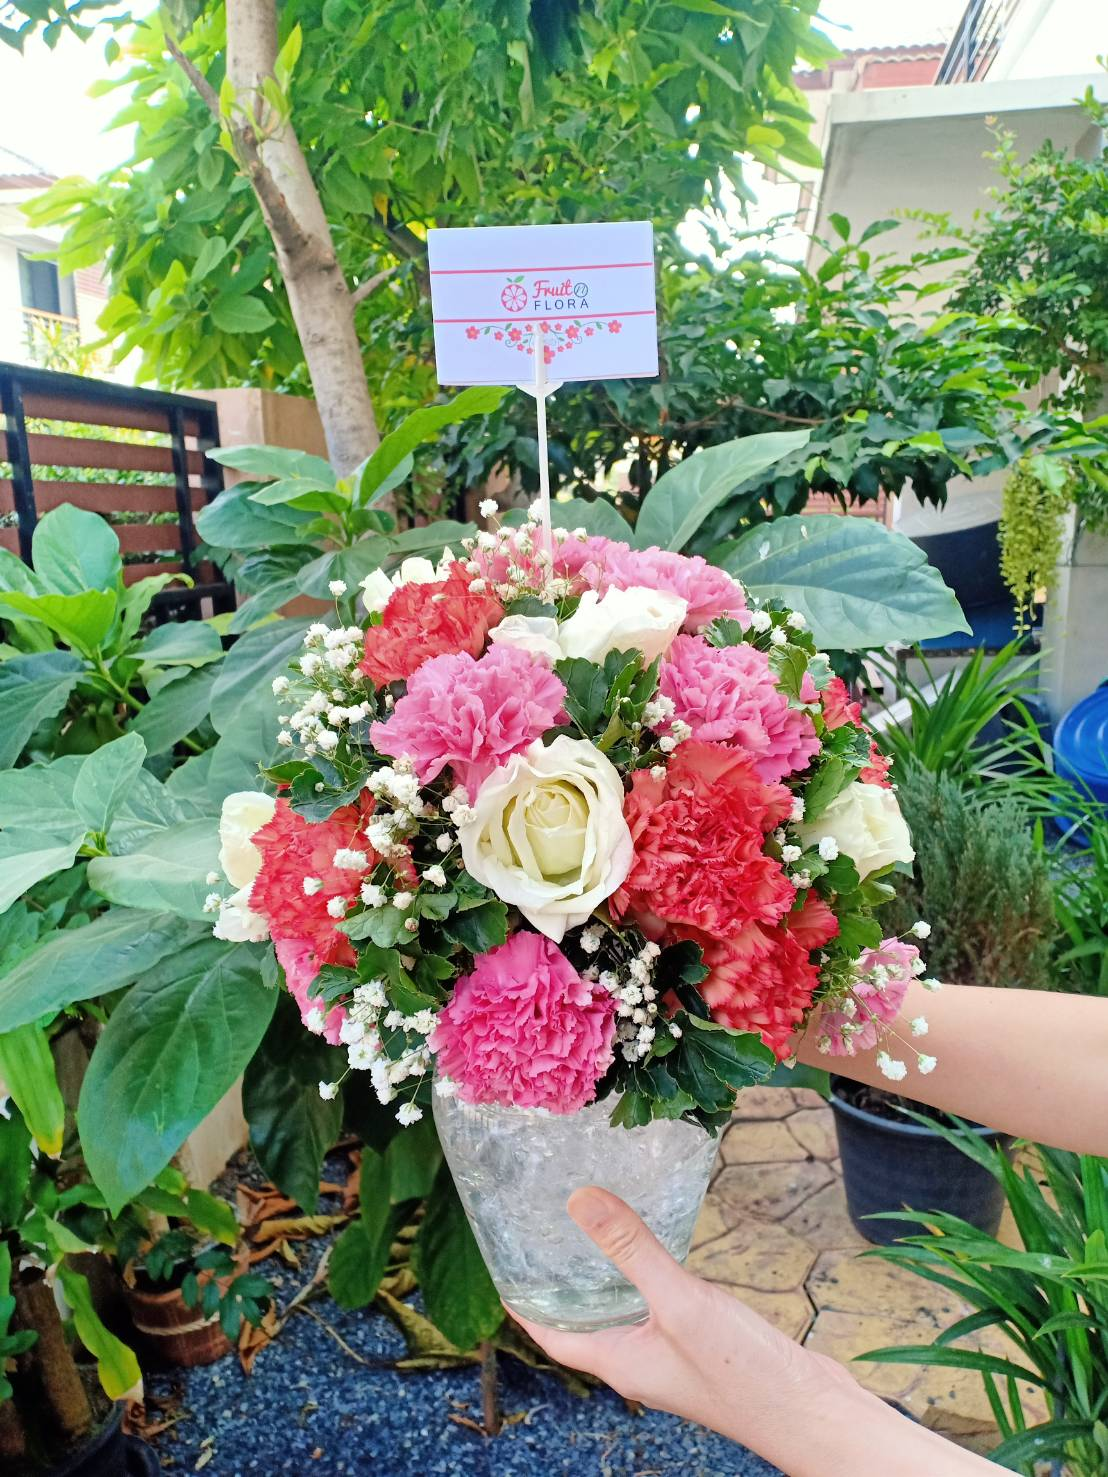 แจกันดอกไม้โทนสีแดง-ชมพู ประกอบไปด้วยกุหลาบ คาร์เนชั่น และยิปโซ รวมตัวกันในแจกันดอกไม้ทรงสวย น่ารัก น่าจัดส่งให้คนสำคัญของคุณค่ะ